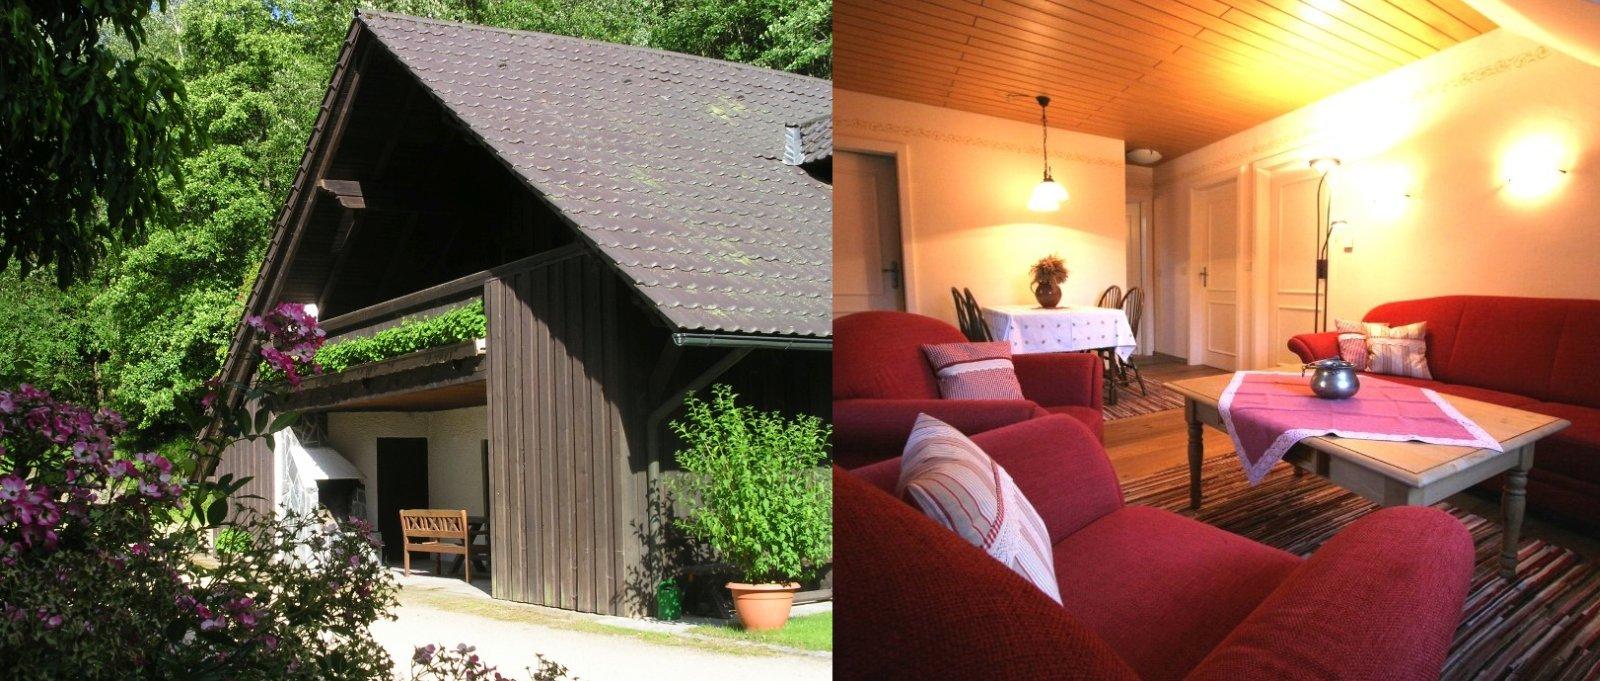 Ferienwohnungen Kopp im Untermurnthal  – Kontakt